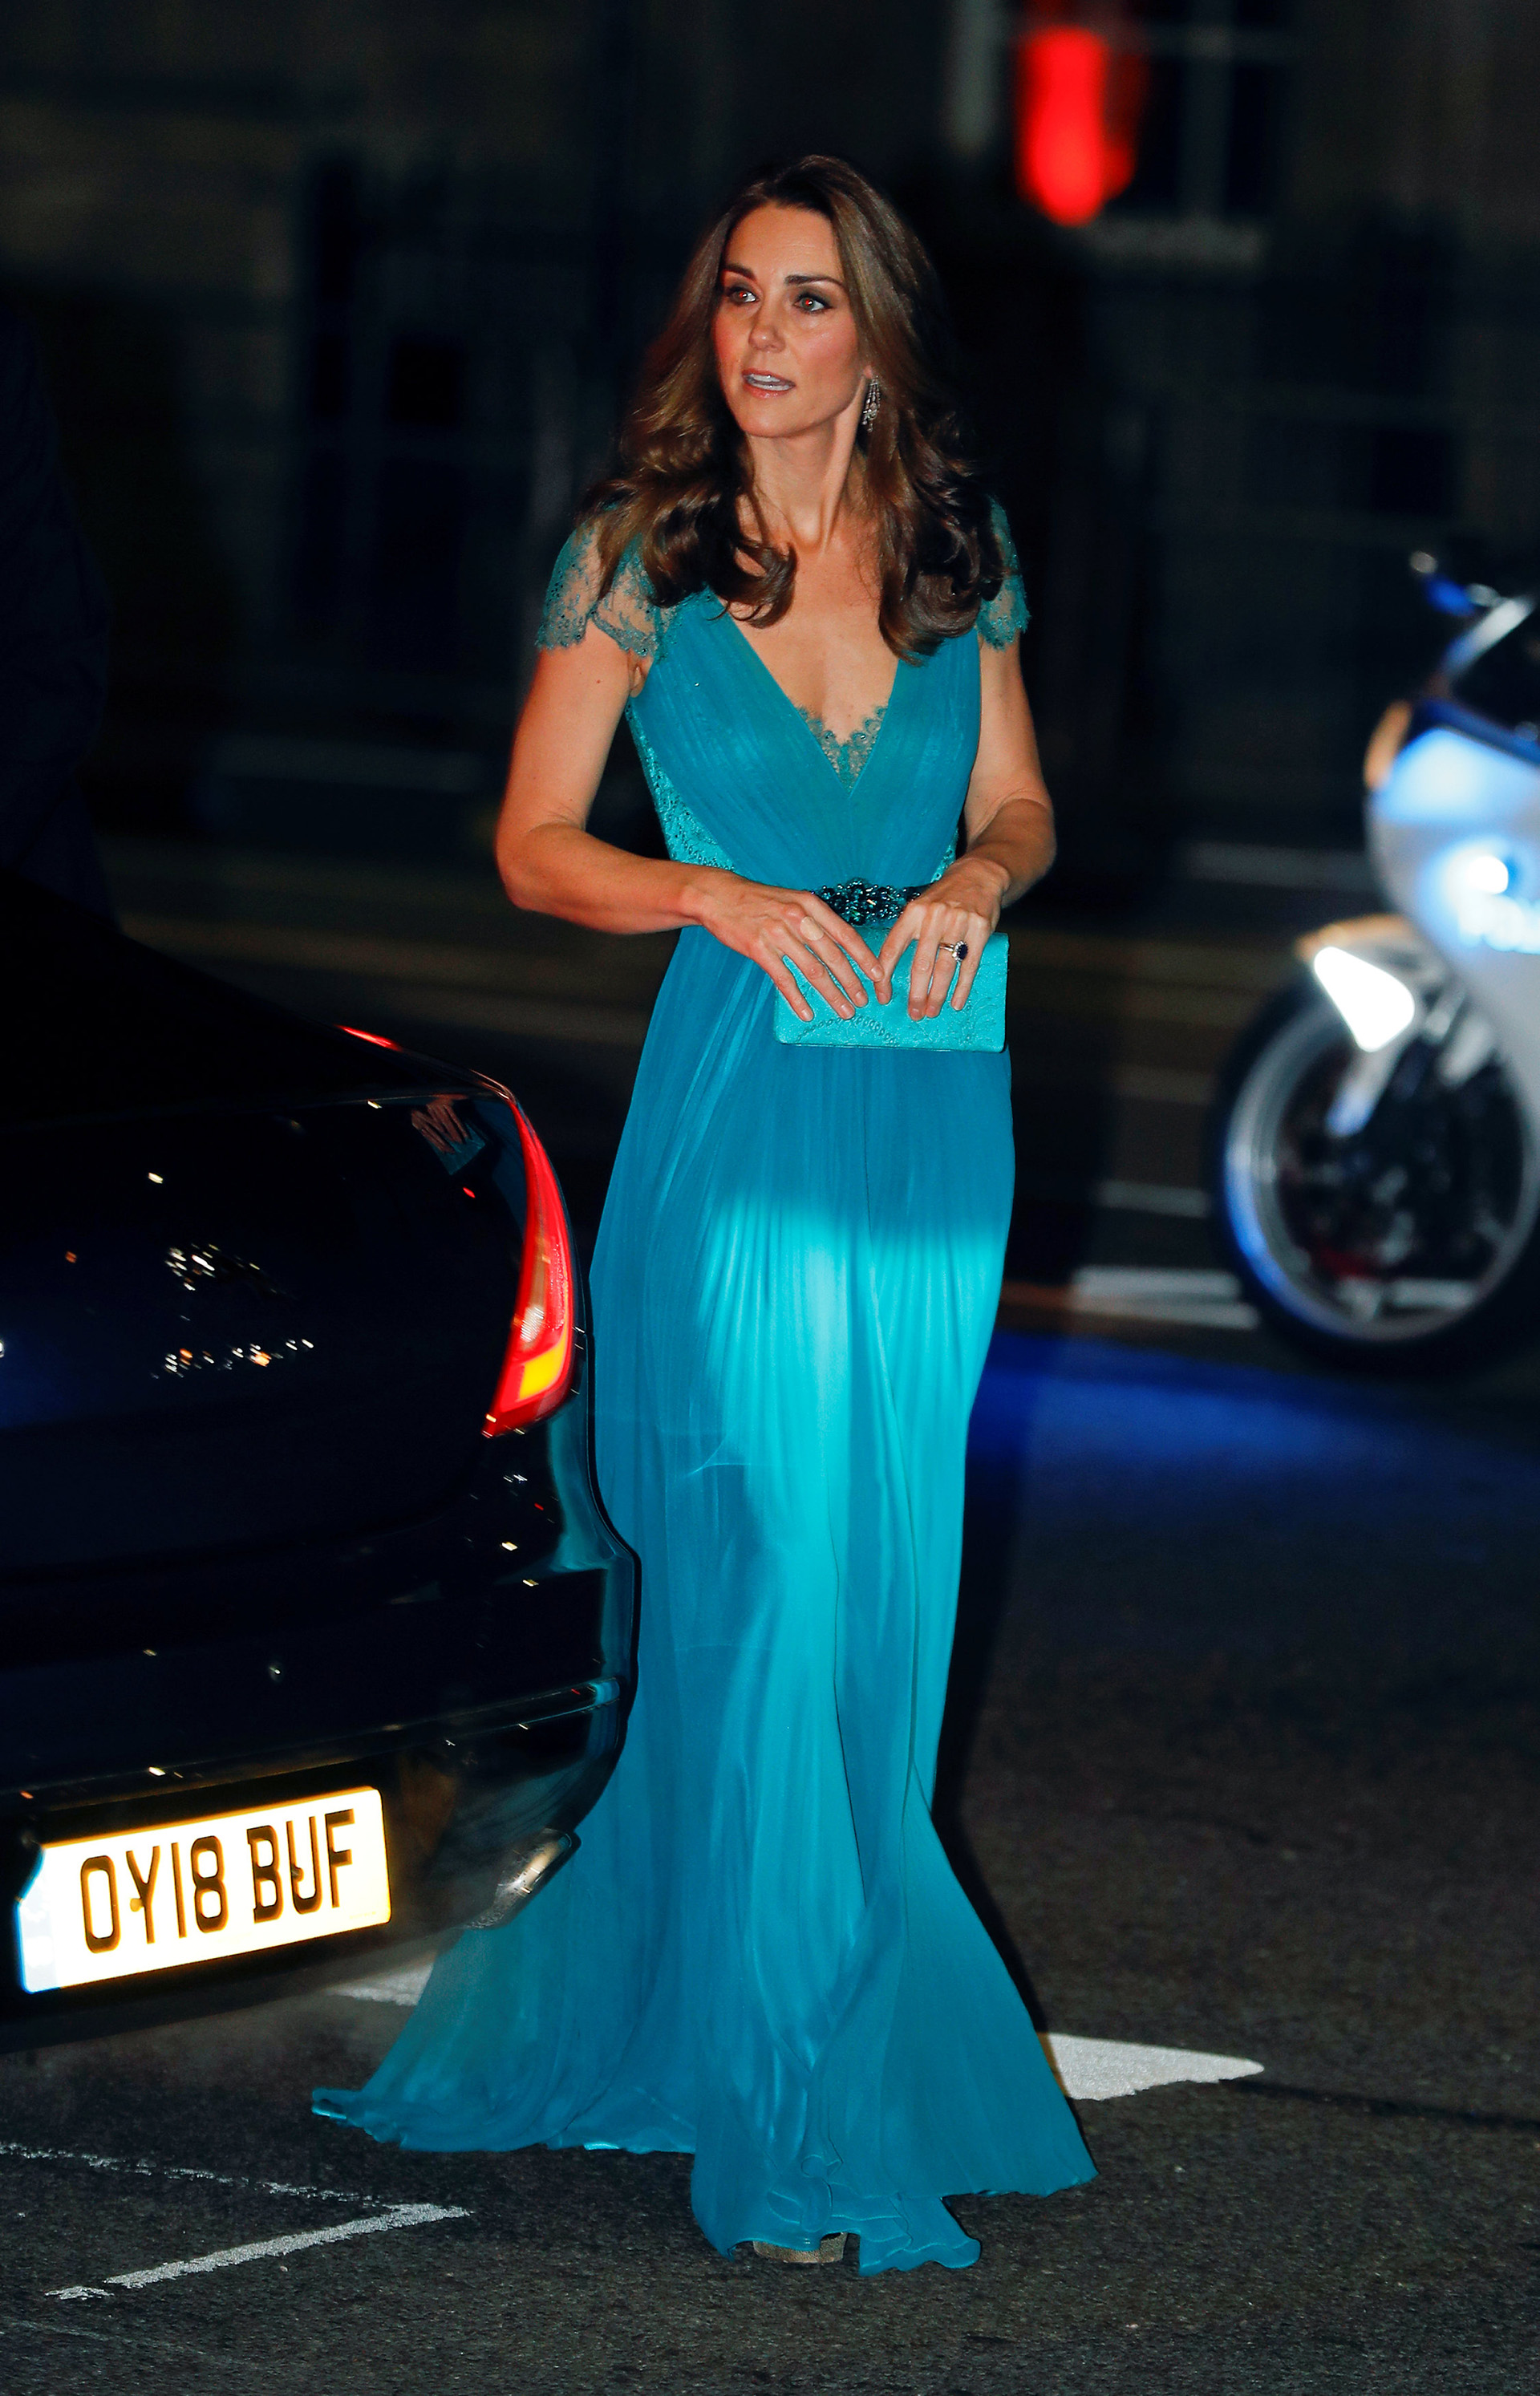 Elegante y distinguida, combinó el clutch y el cinturón con el color de su vestido